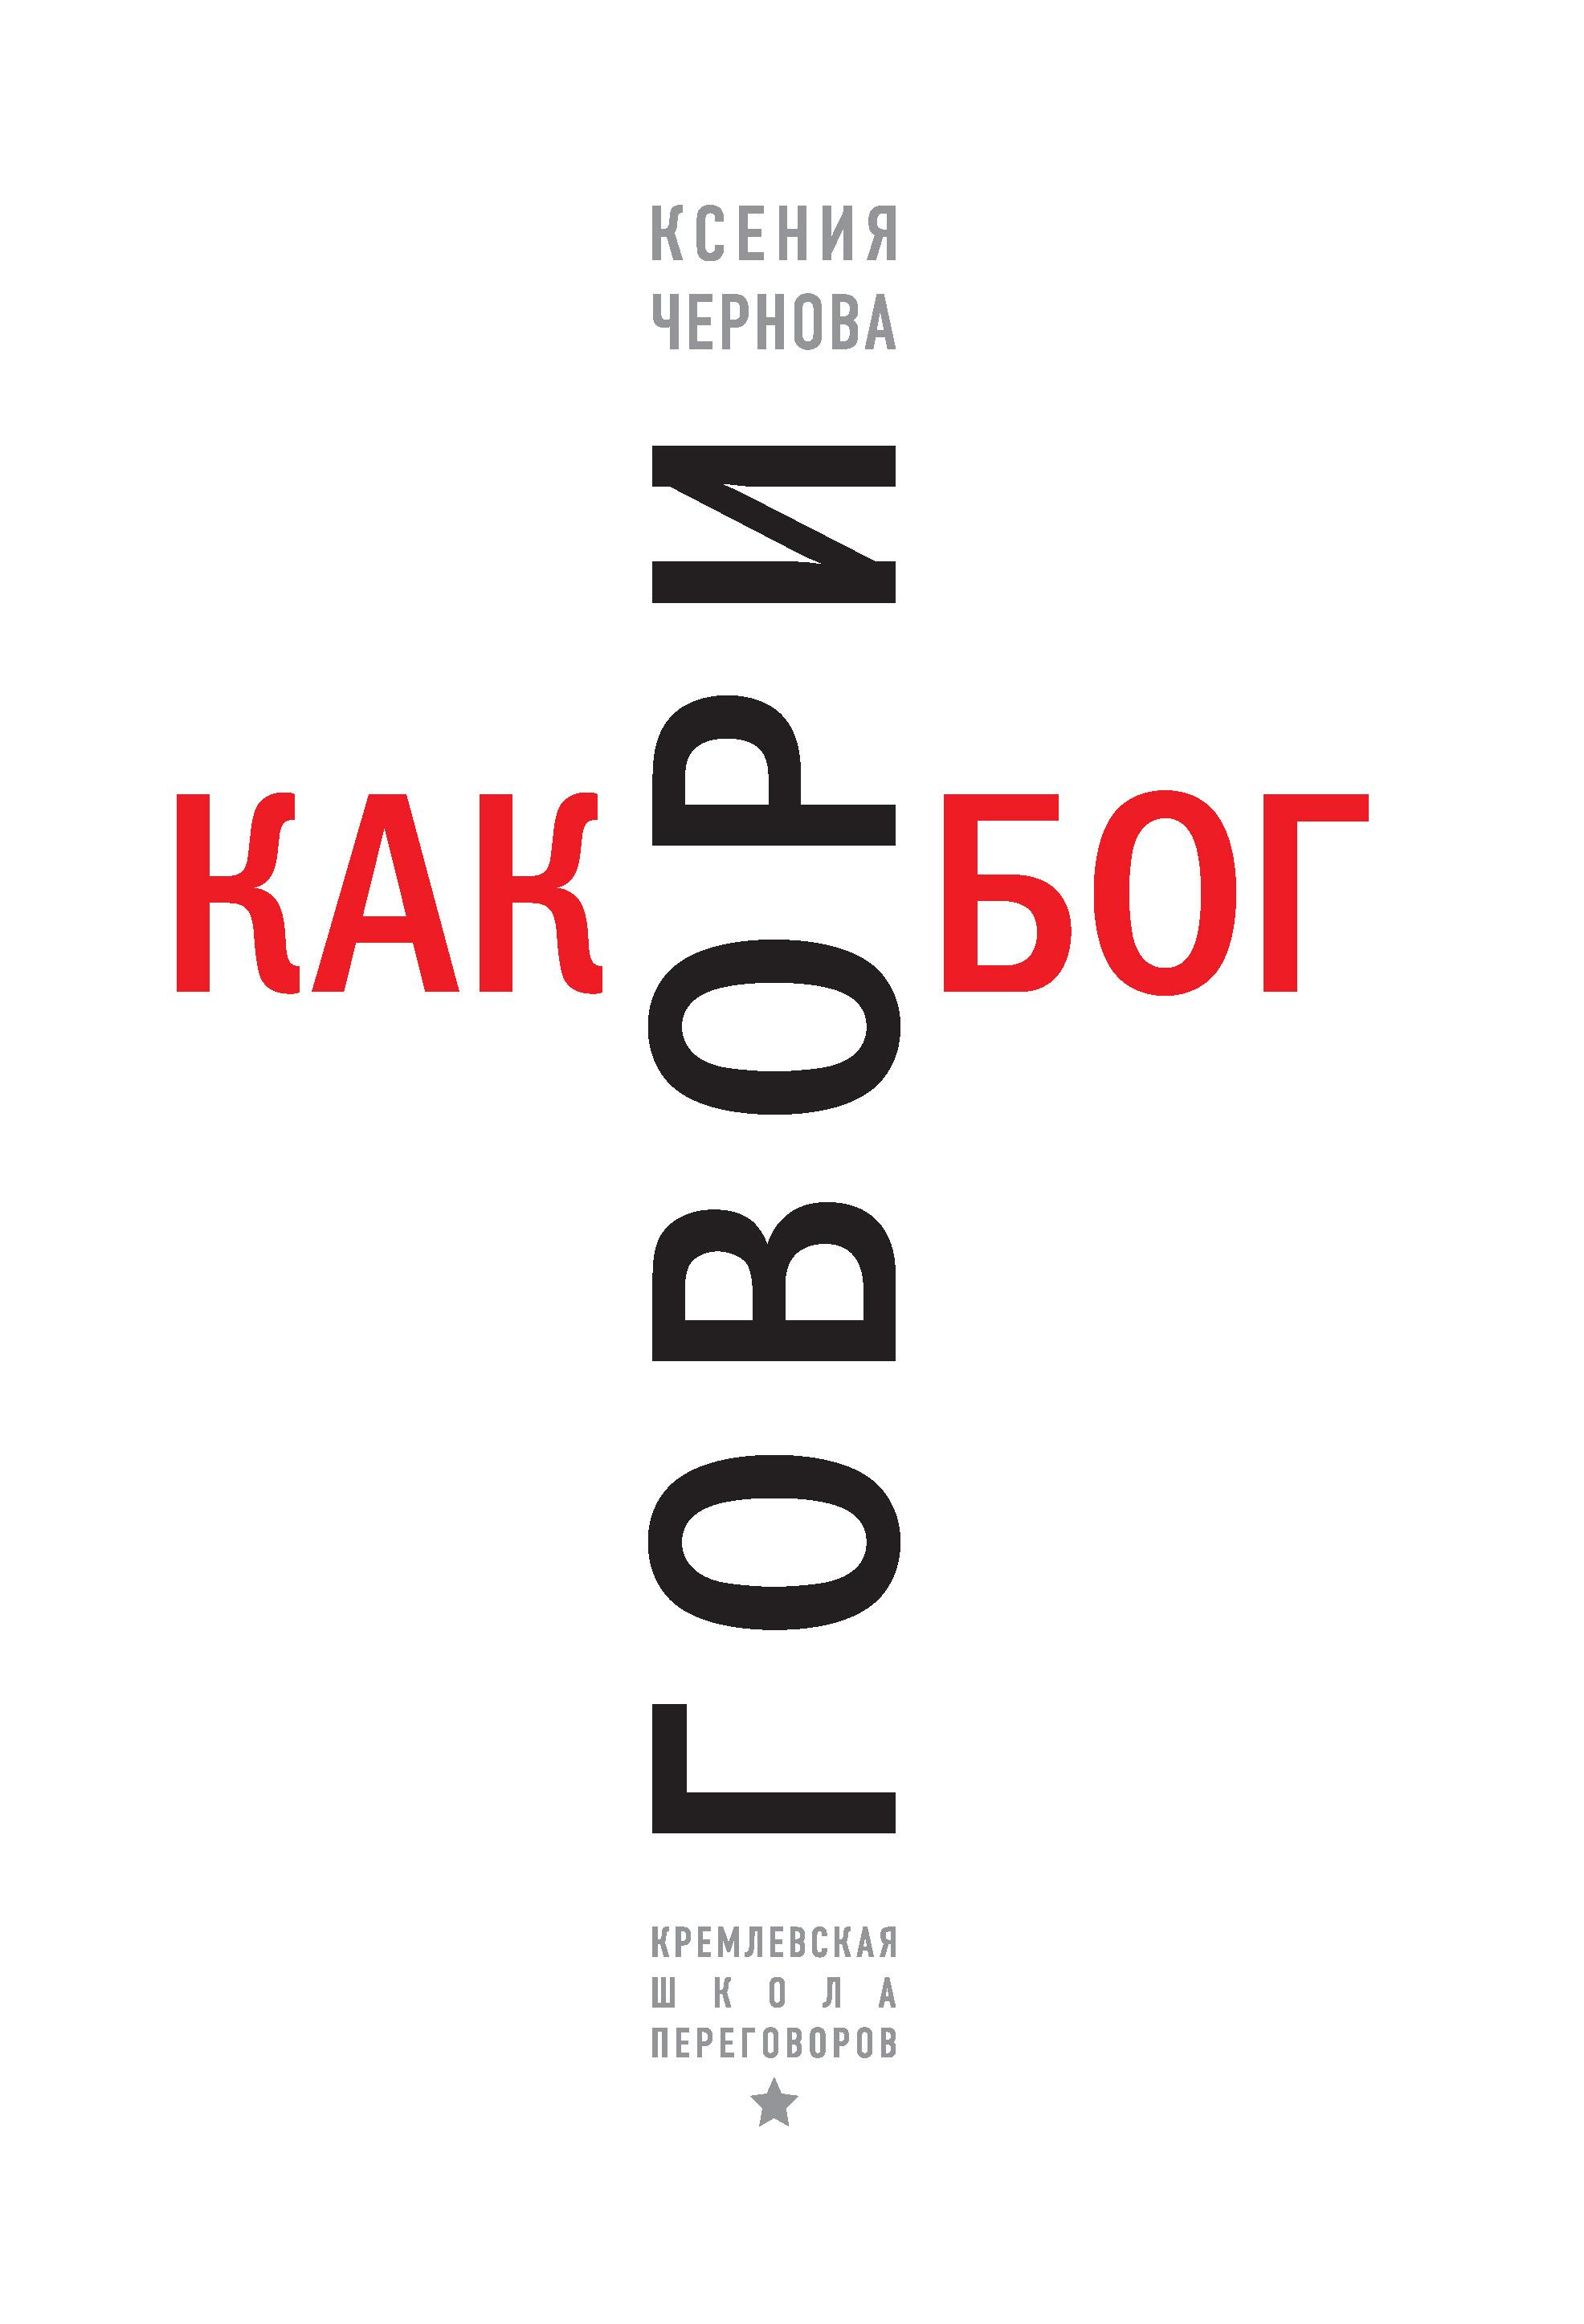 Обложка книги. Автор - Ксения Чернова